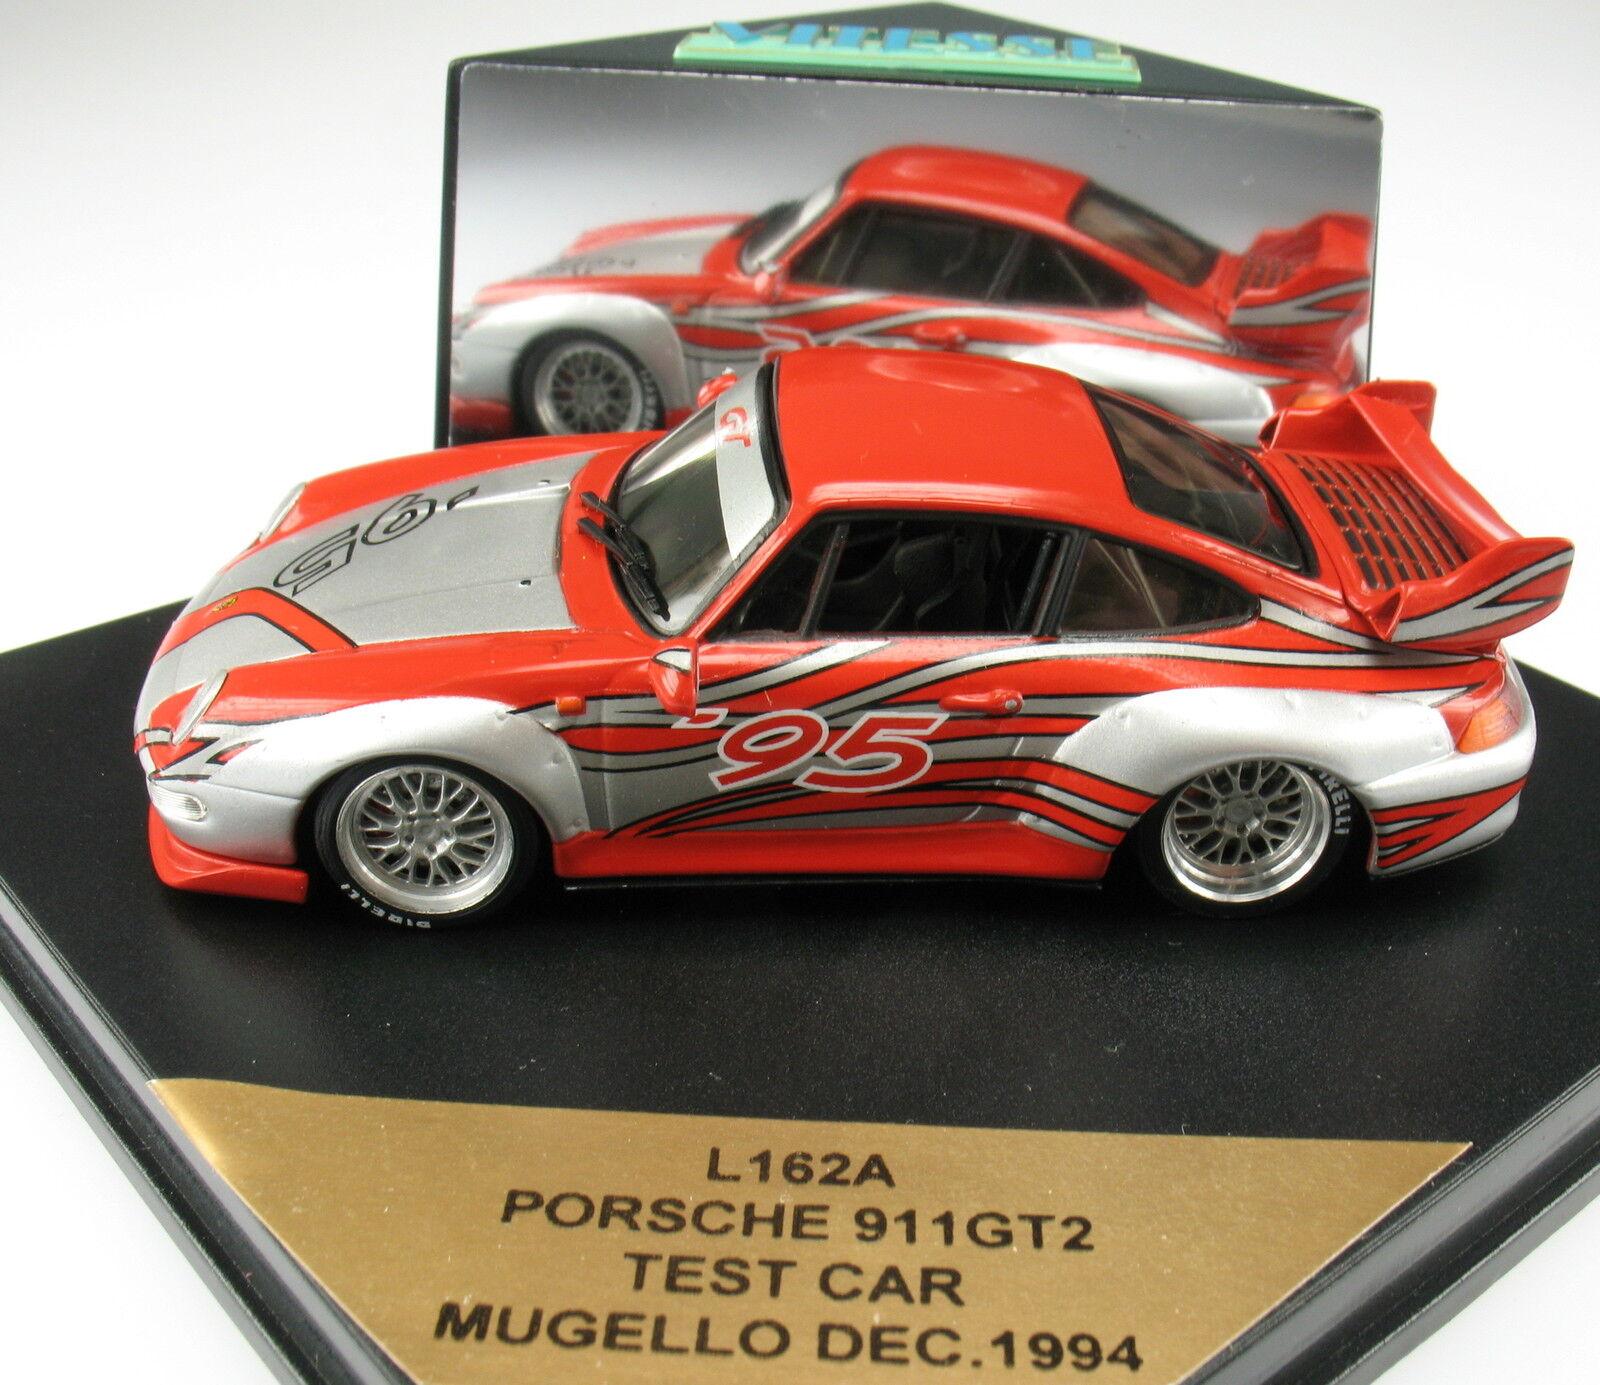 Vitesse l162a-Porsche 911 gt2-Test Coche mugello dec. 1994 - 1 43 - maqueta de coche